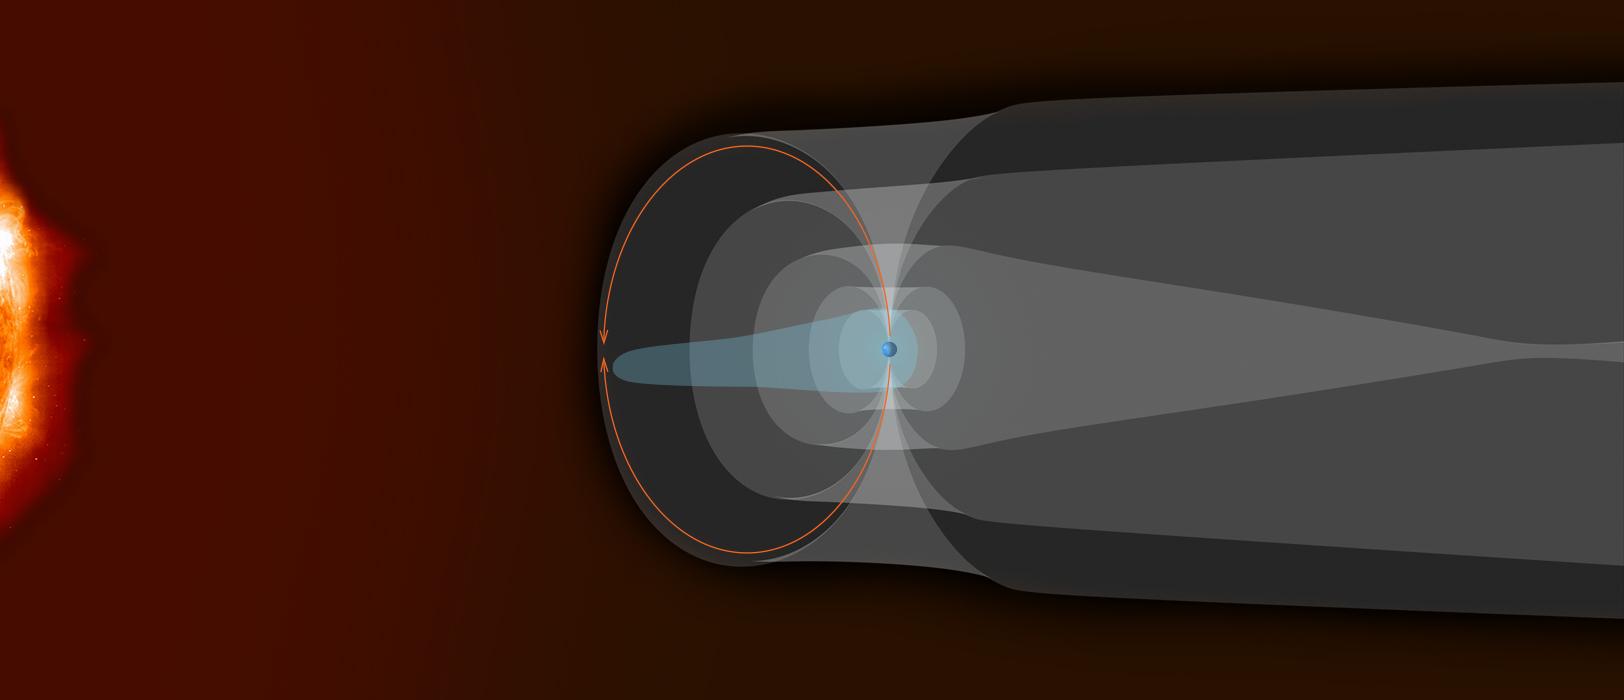 1567215502622-Cluster_Earth_leaky_atmosphere.jpg